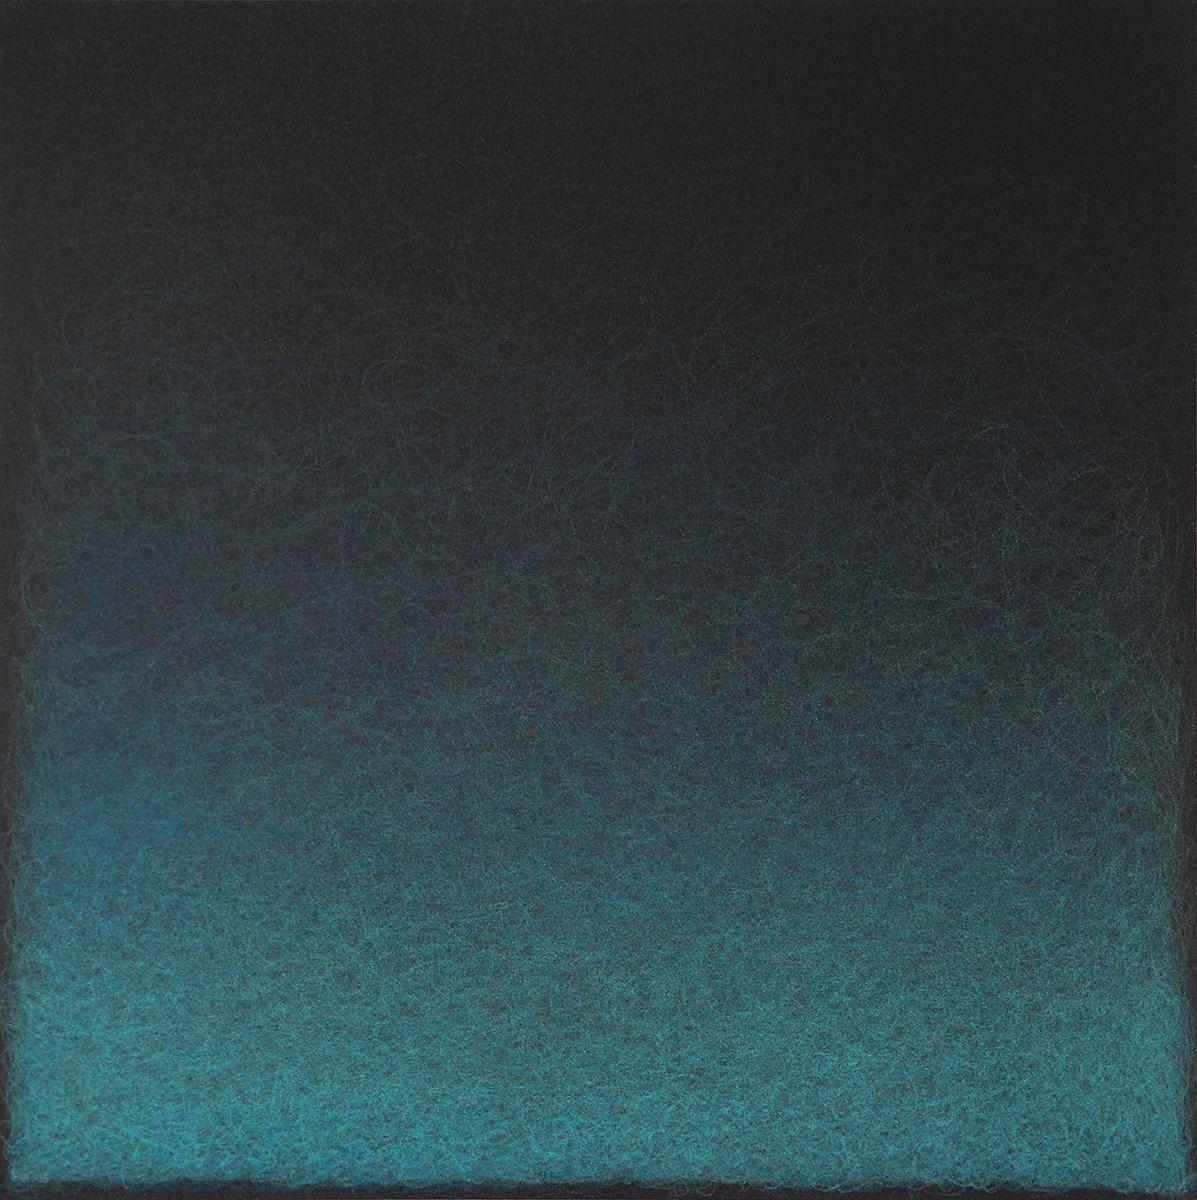 Quantum Entanglement (Cobalt Turquoise)